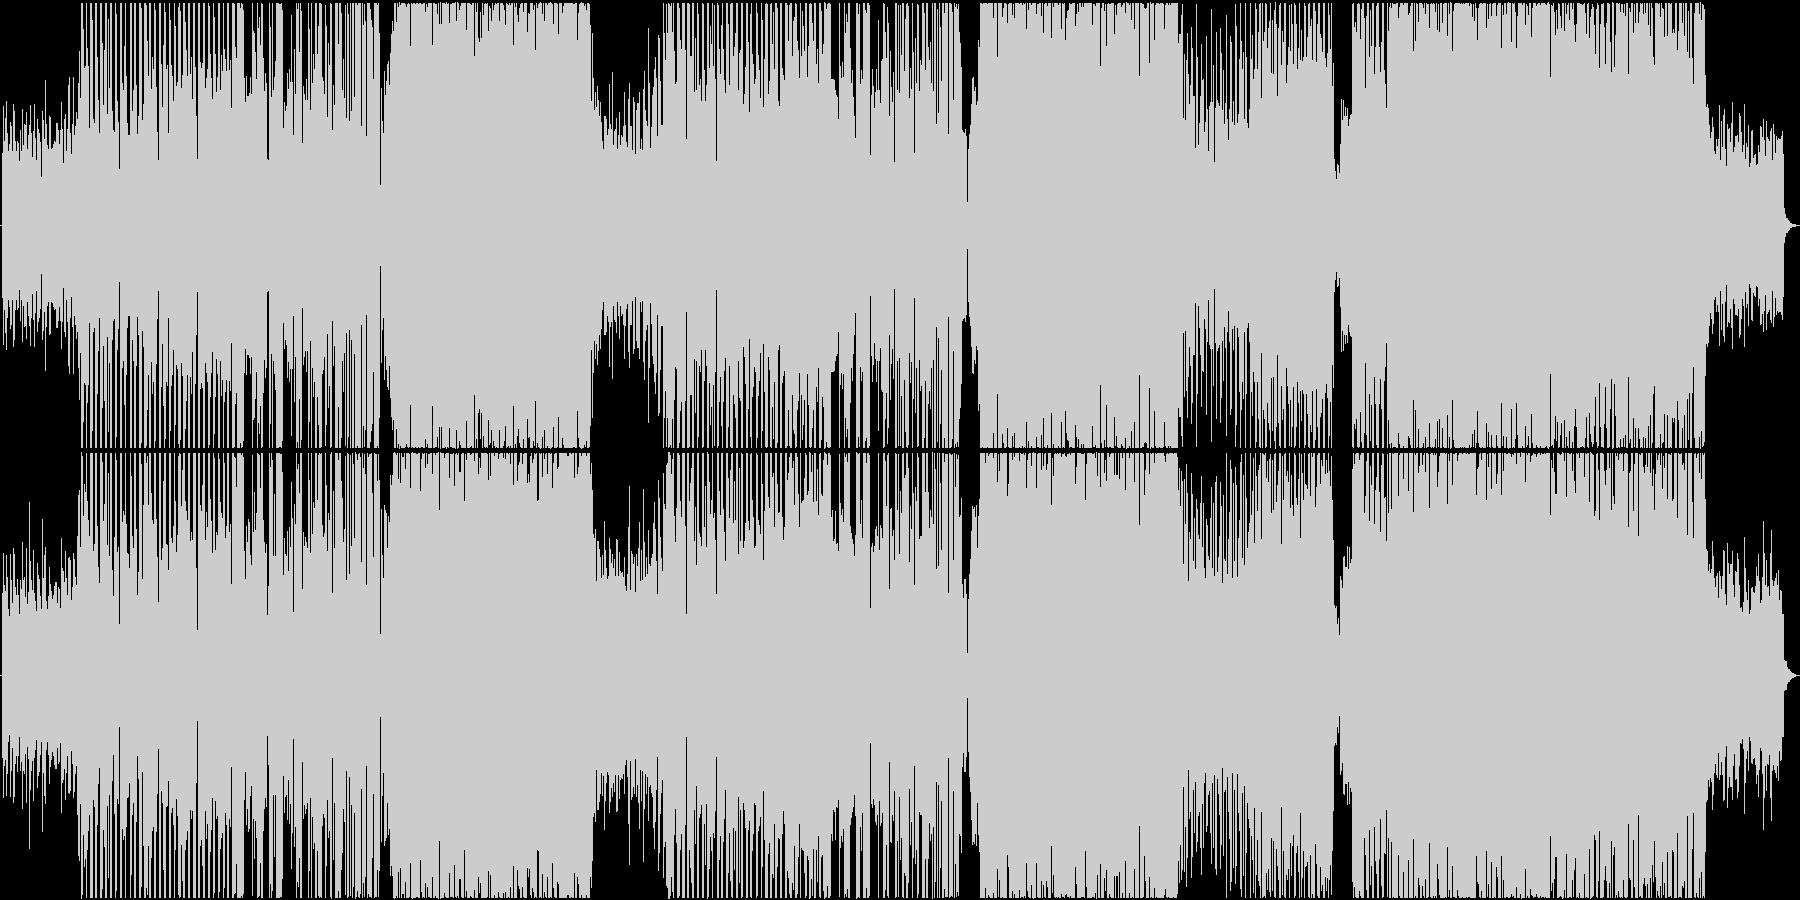 風刺系エレクトロソング。衝動的!の未再生の波形